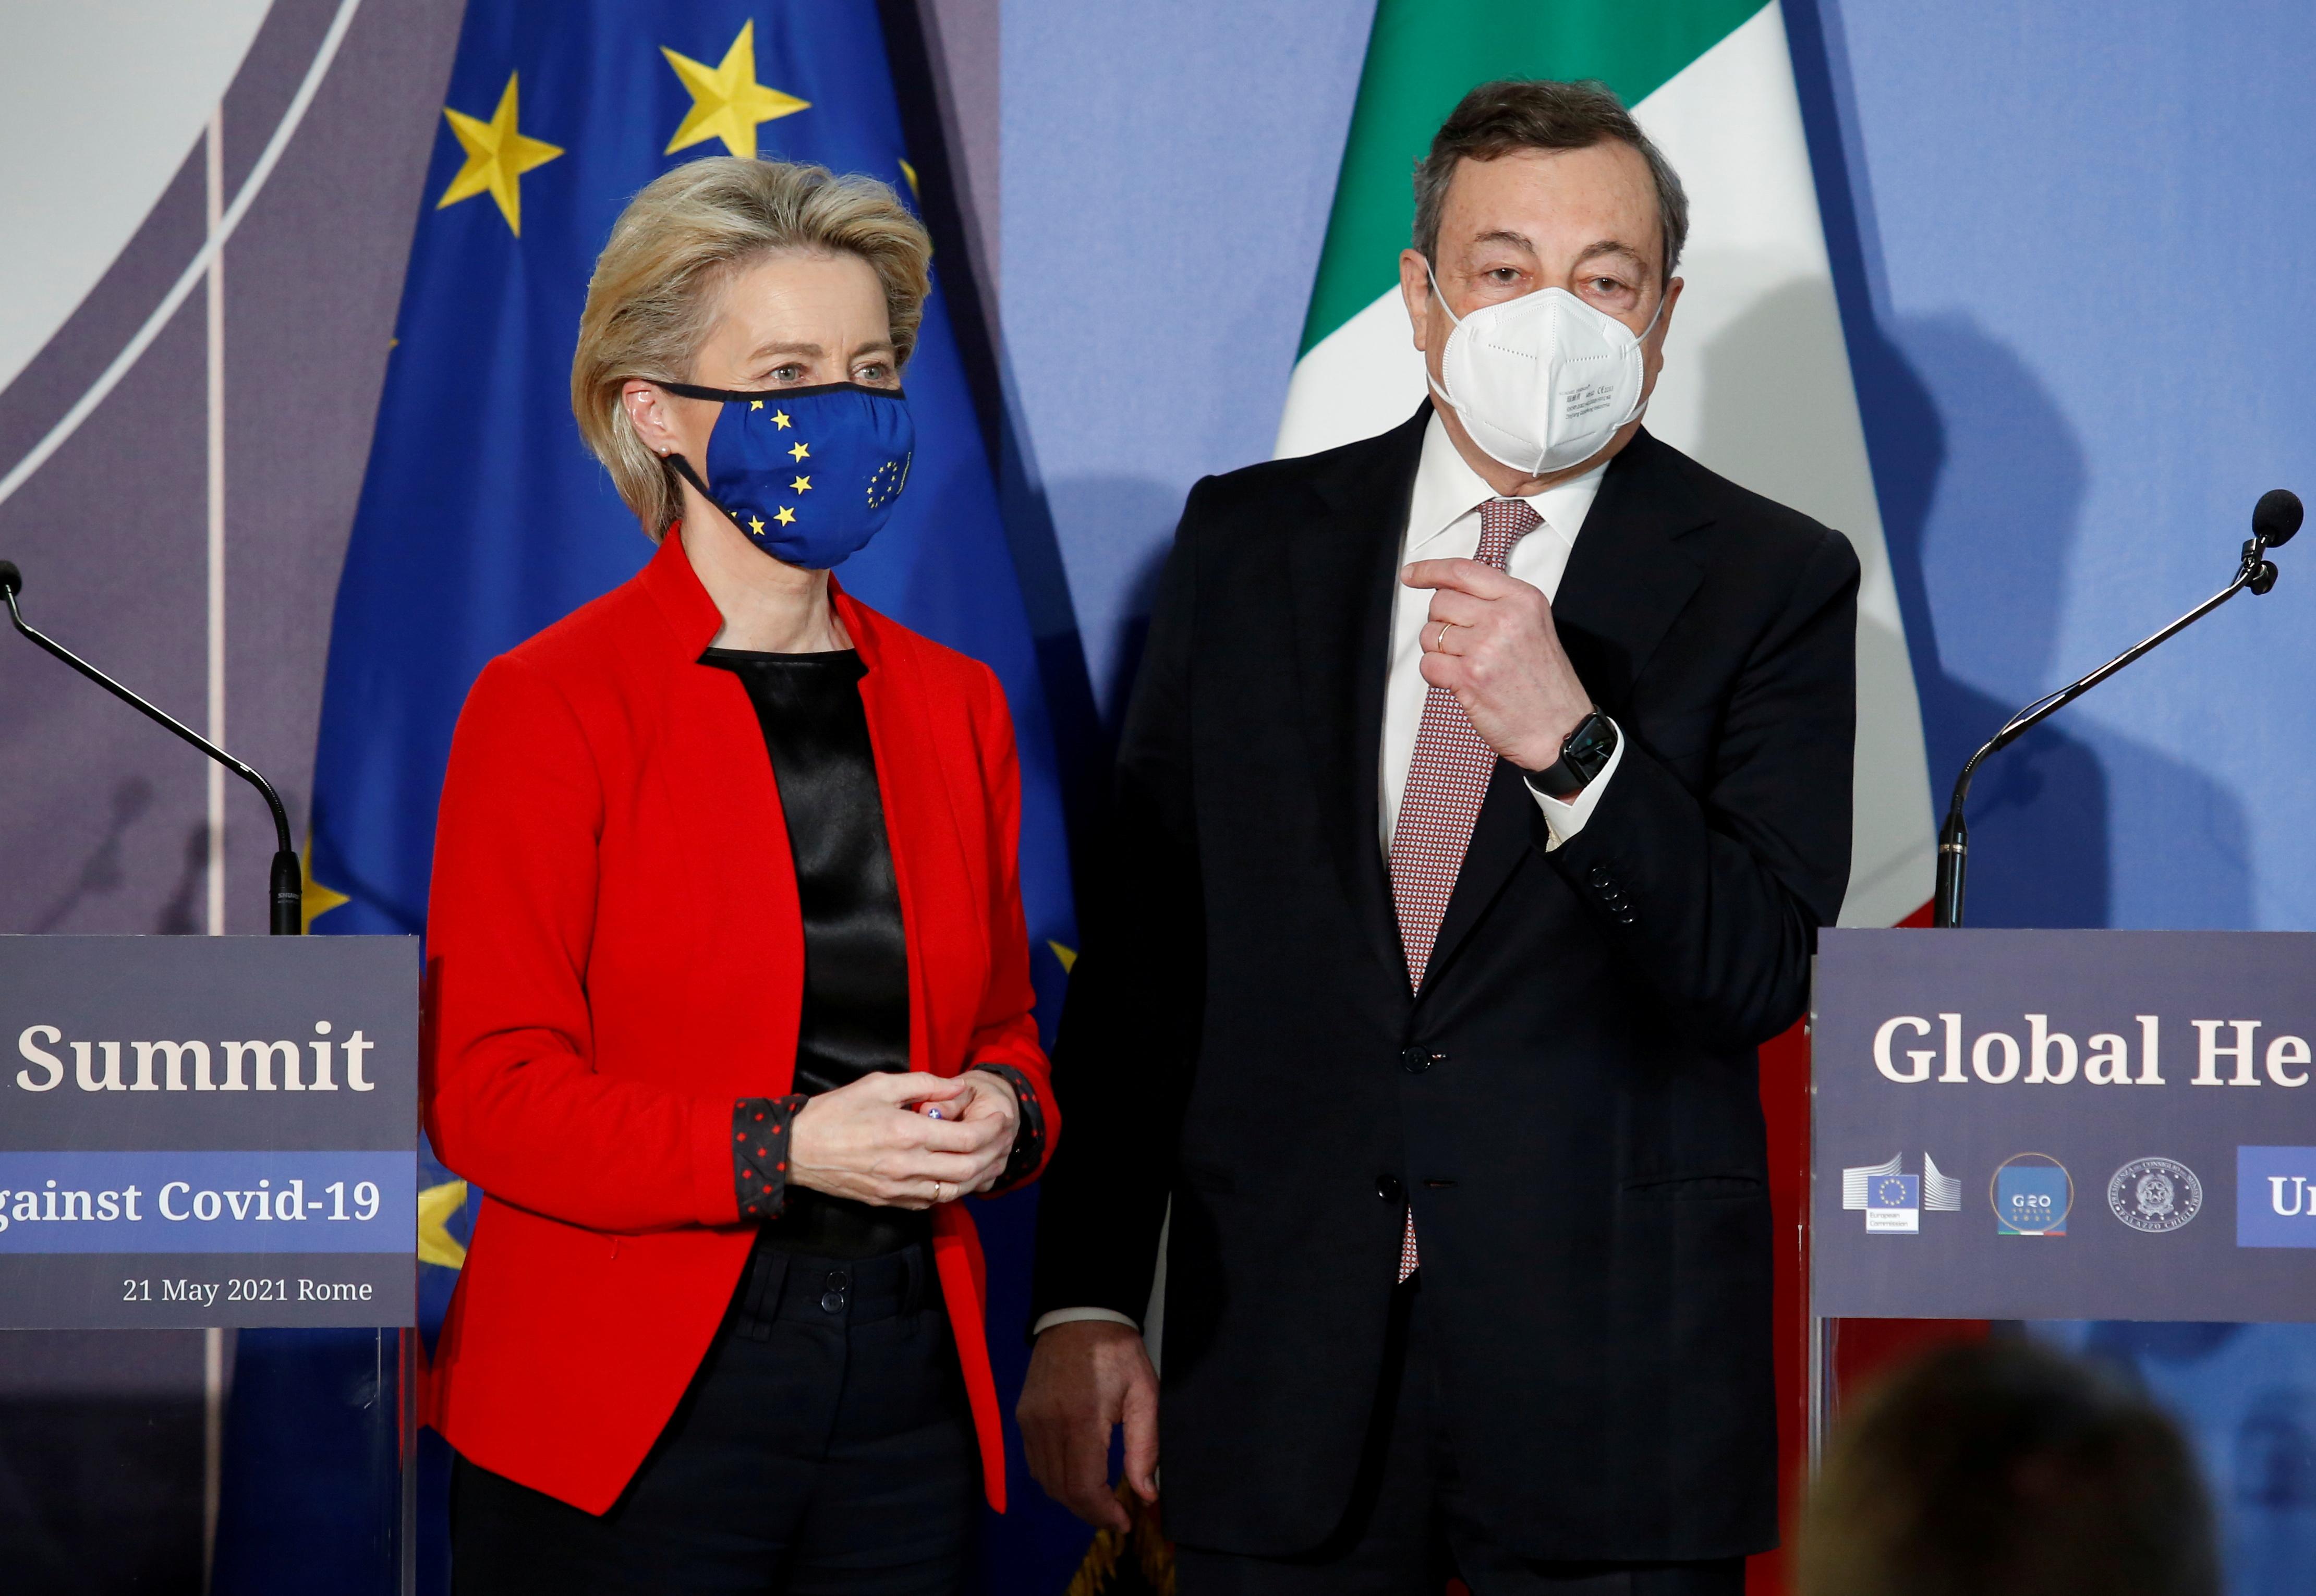 El presidente del Gobierno italiano, Mario Draghi, y la presidenta de la Comisión Europea, Ursula Von der Leyen el pasado día 21 en Roma